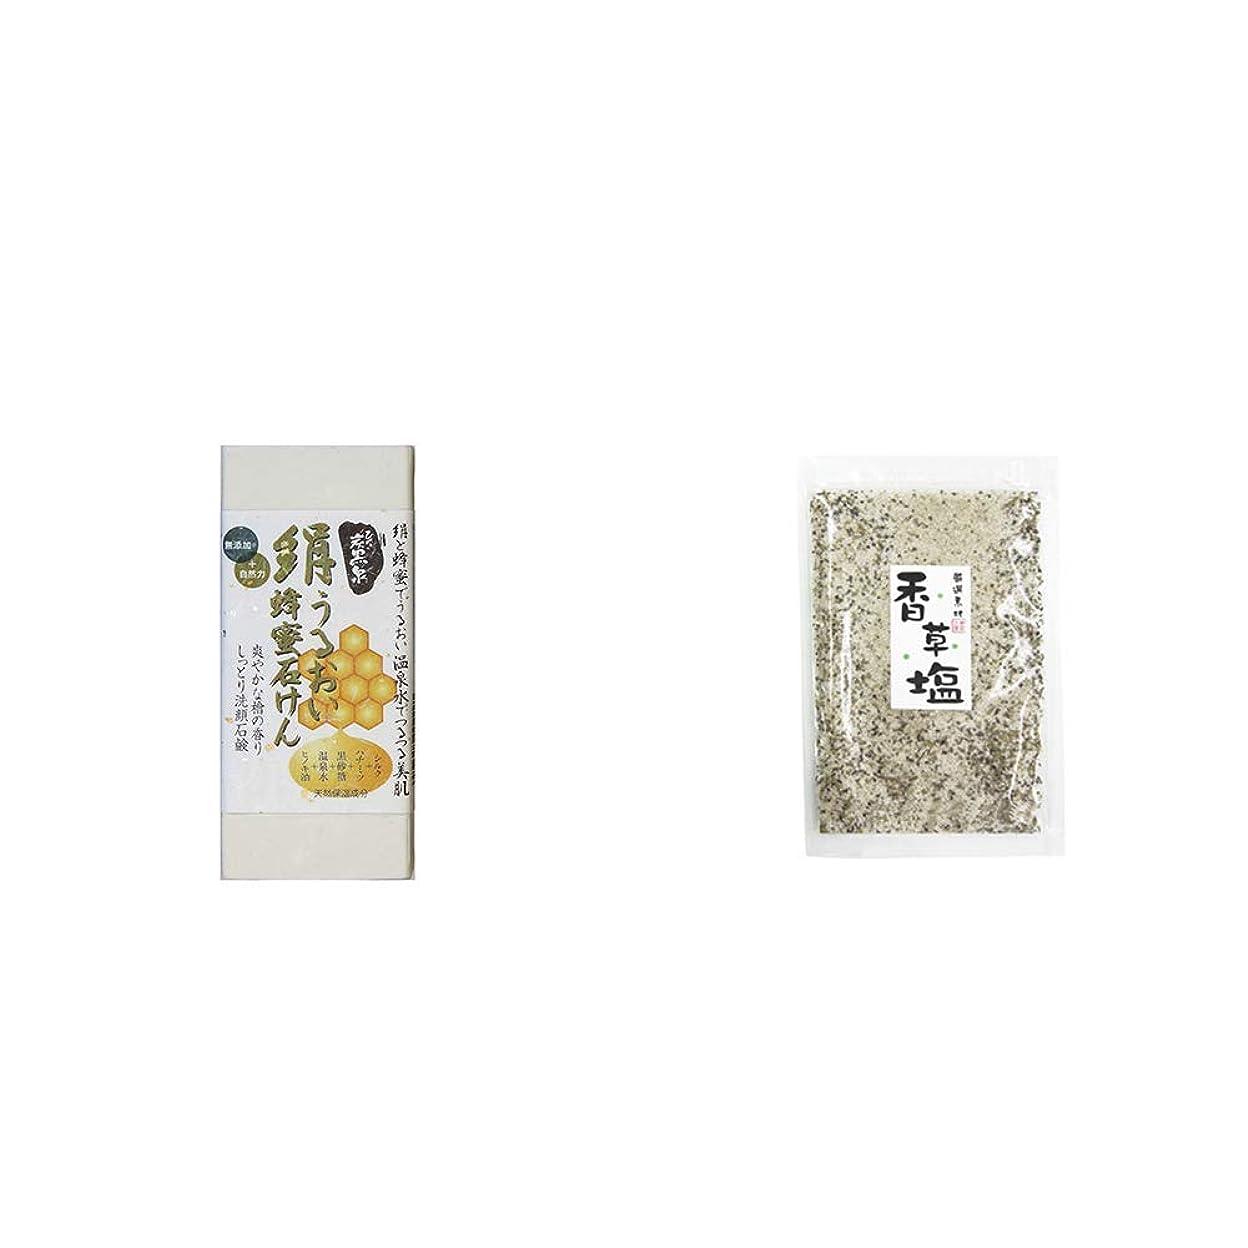 昇進ボリュームアミューズメント[2点セット] ひのき炭黒泉 絹うるおい蜂蜜石けん(75g×2)?香草塩 [袋タイプ](100g)